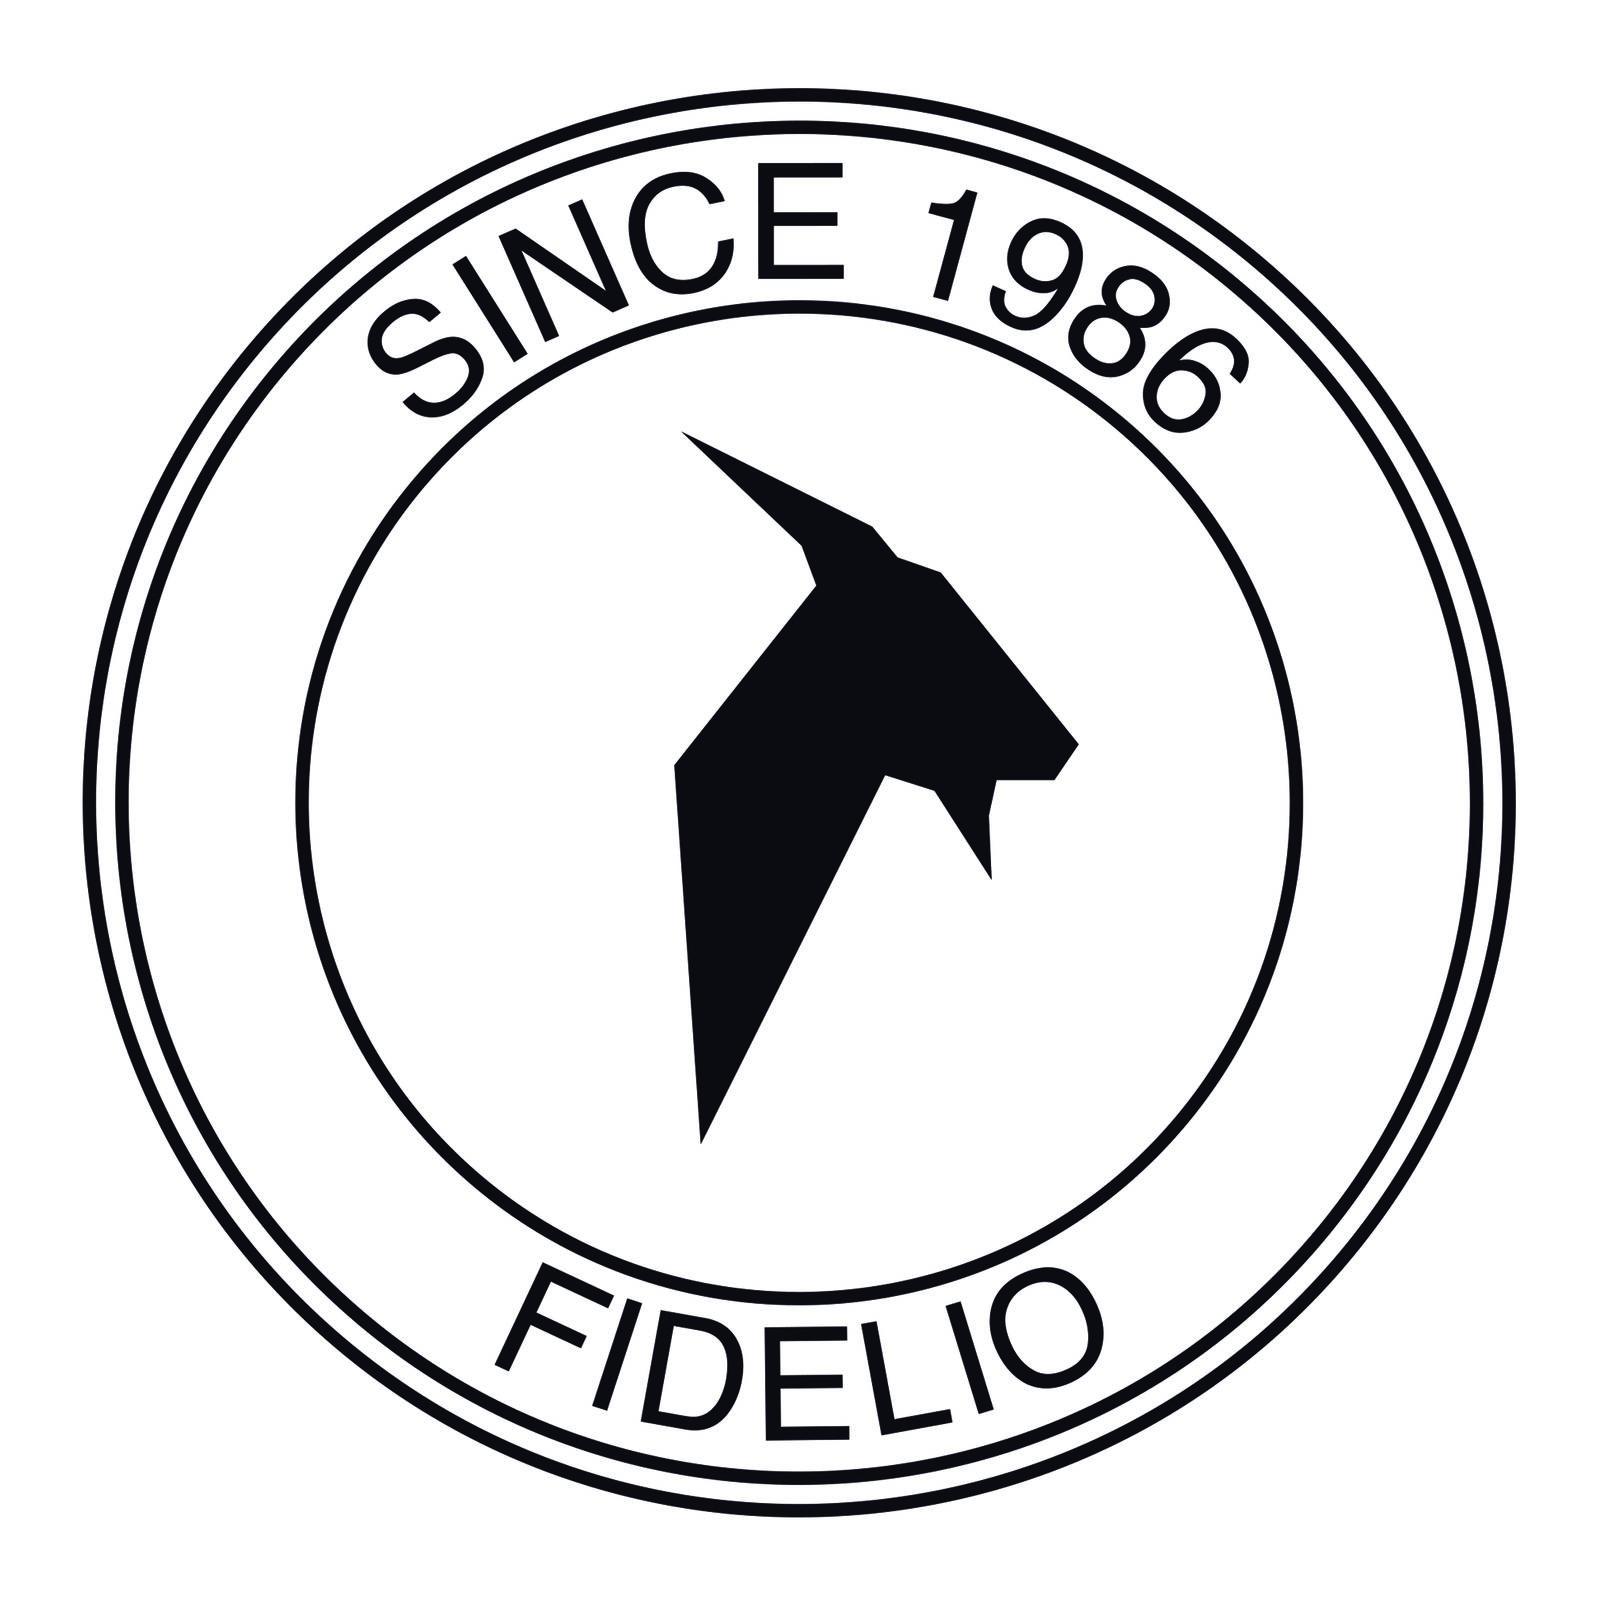 Fidelio men à Zurich (Bild 2)